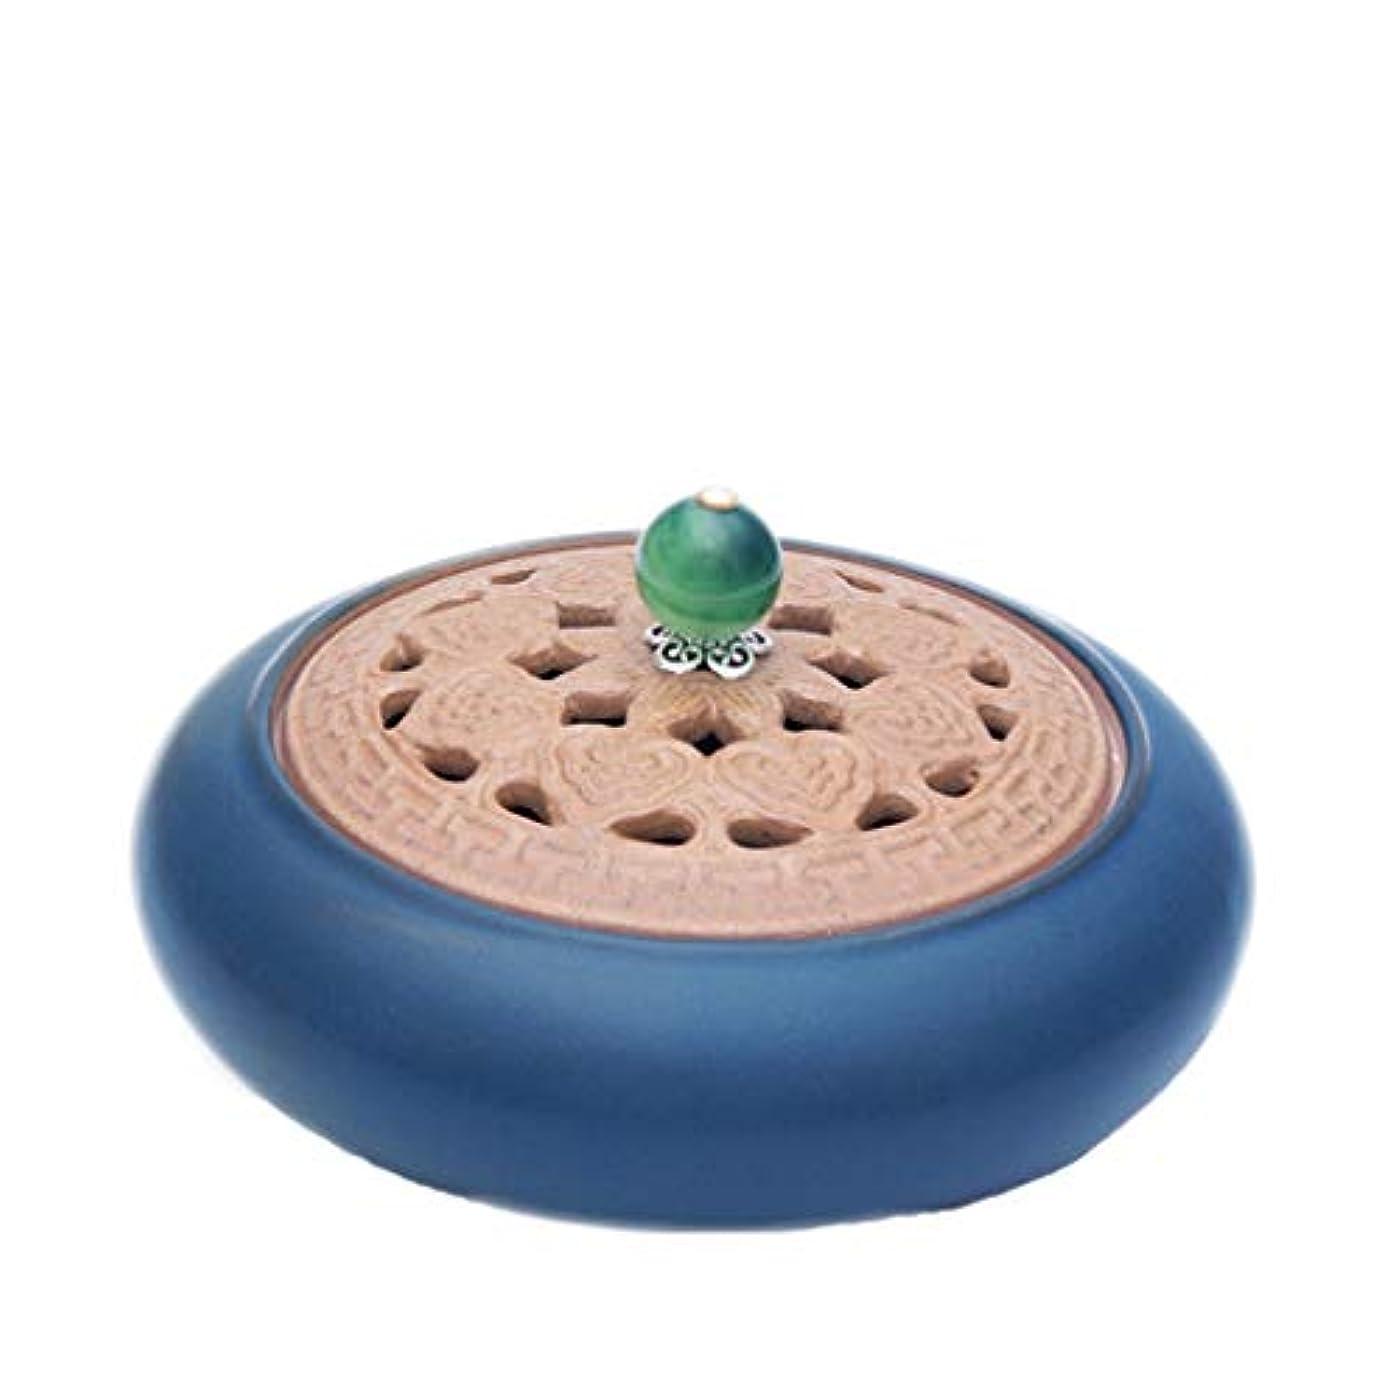 人物閉塞それに応じて芳香器?アロマバーナー アンティークセラミック小さな香バーナーホームインドアガーウッドハース香純粋な銅白檀炉アロマテラピー炉 アロマバーナー (Color : Green)